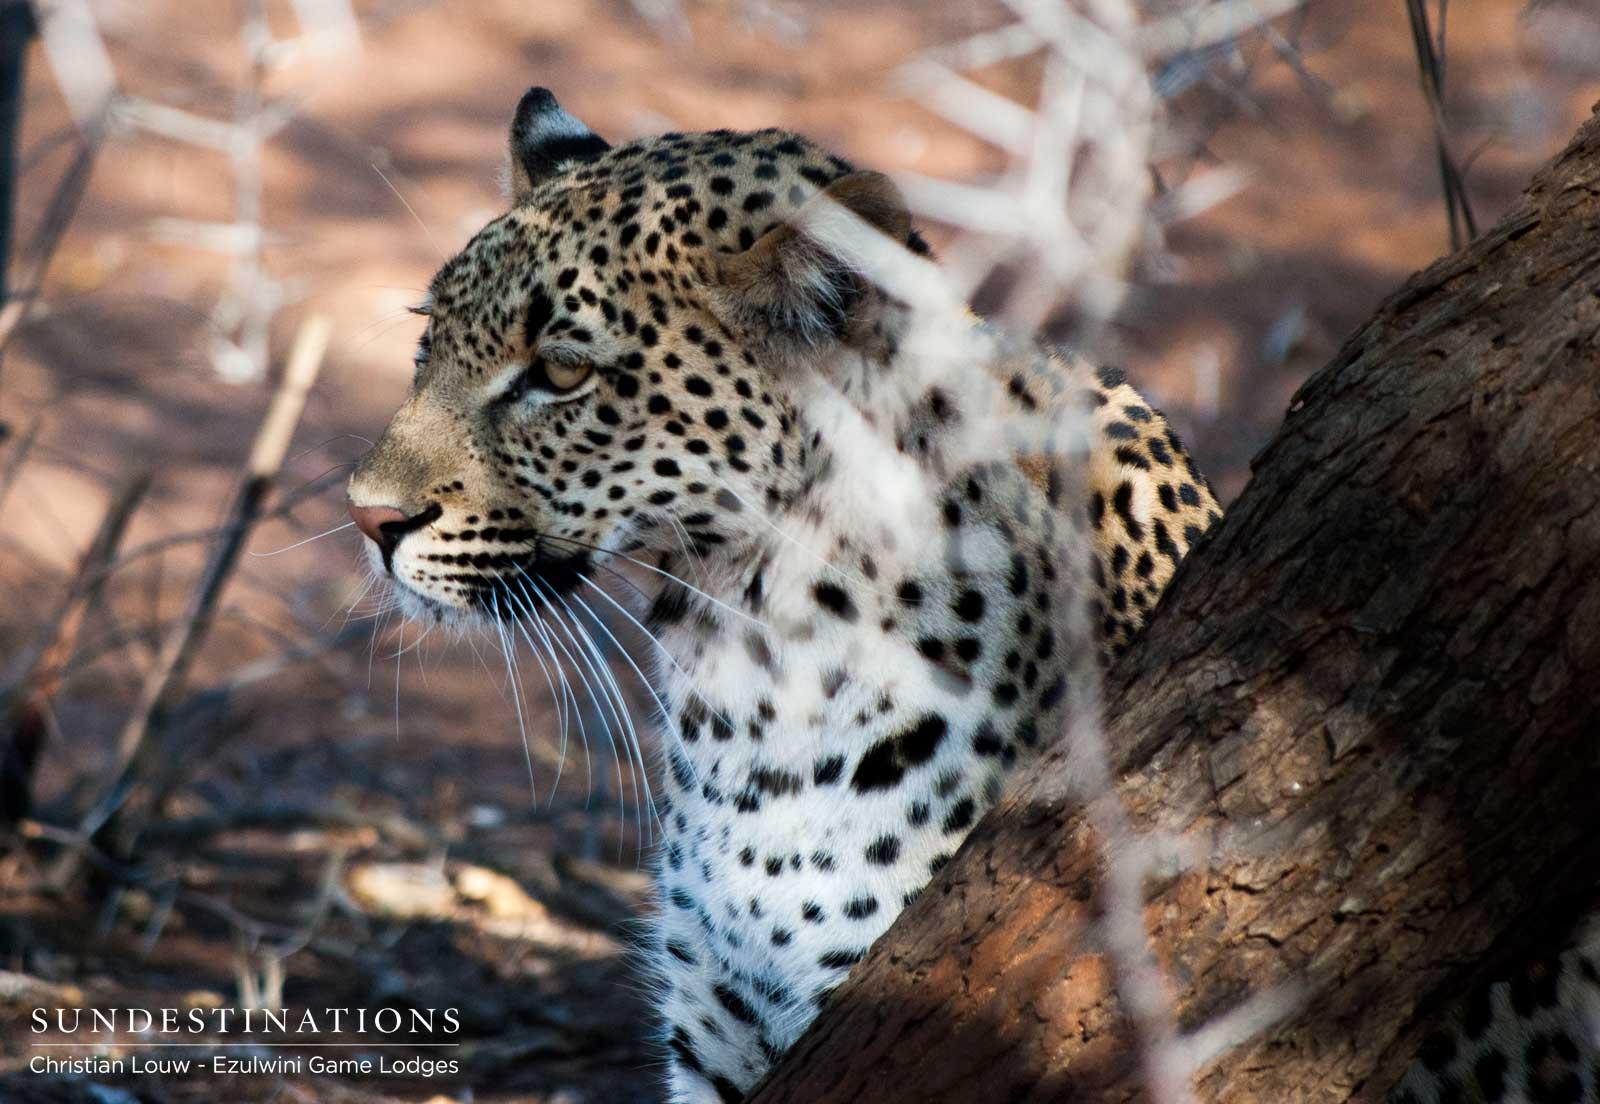 Ezulwini Thuli the Leopard